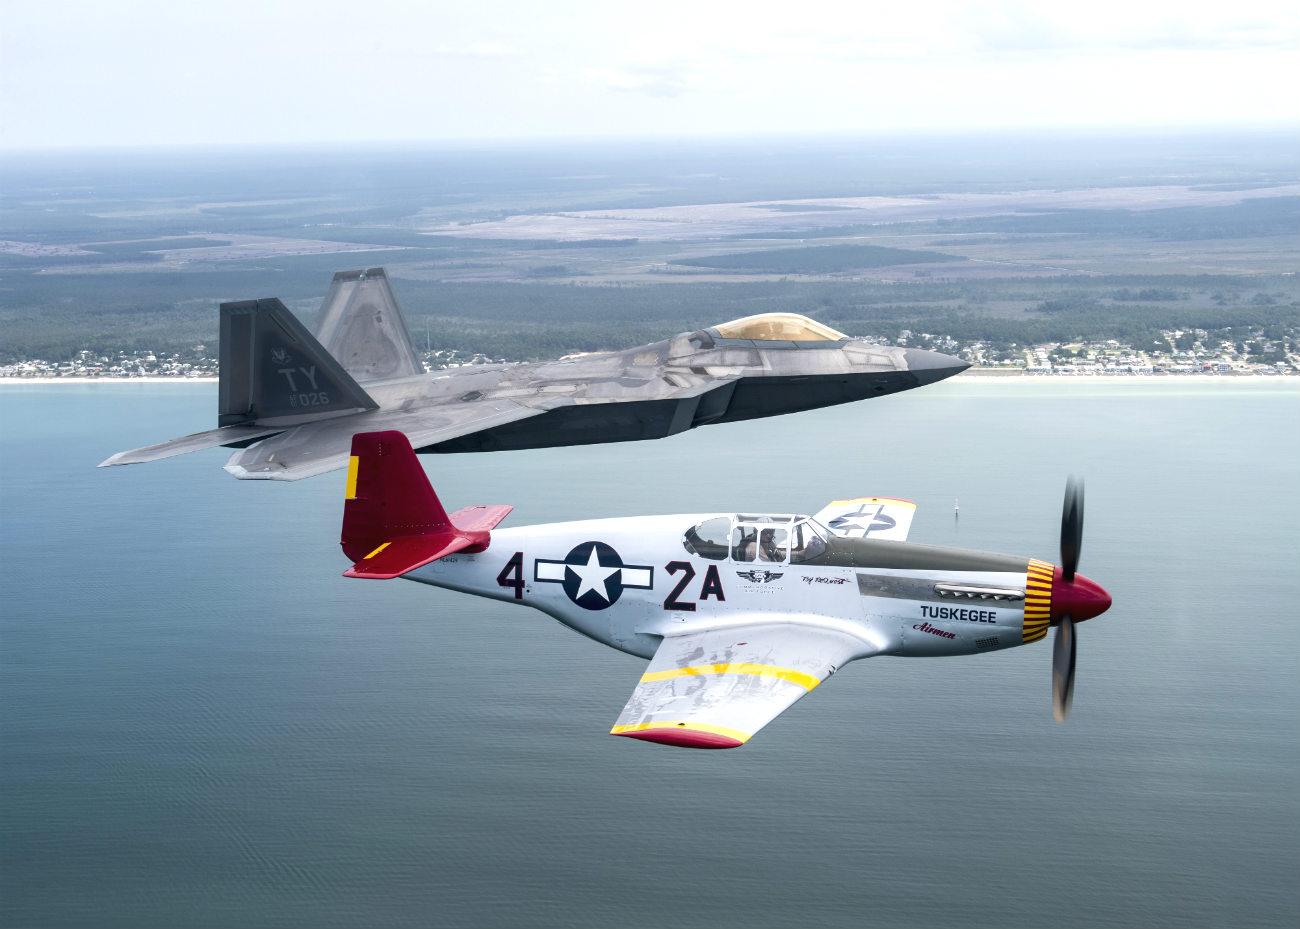 P-51 Mustang in Air